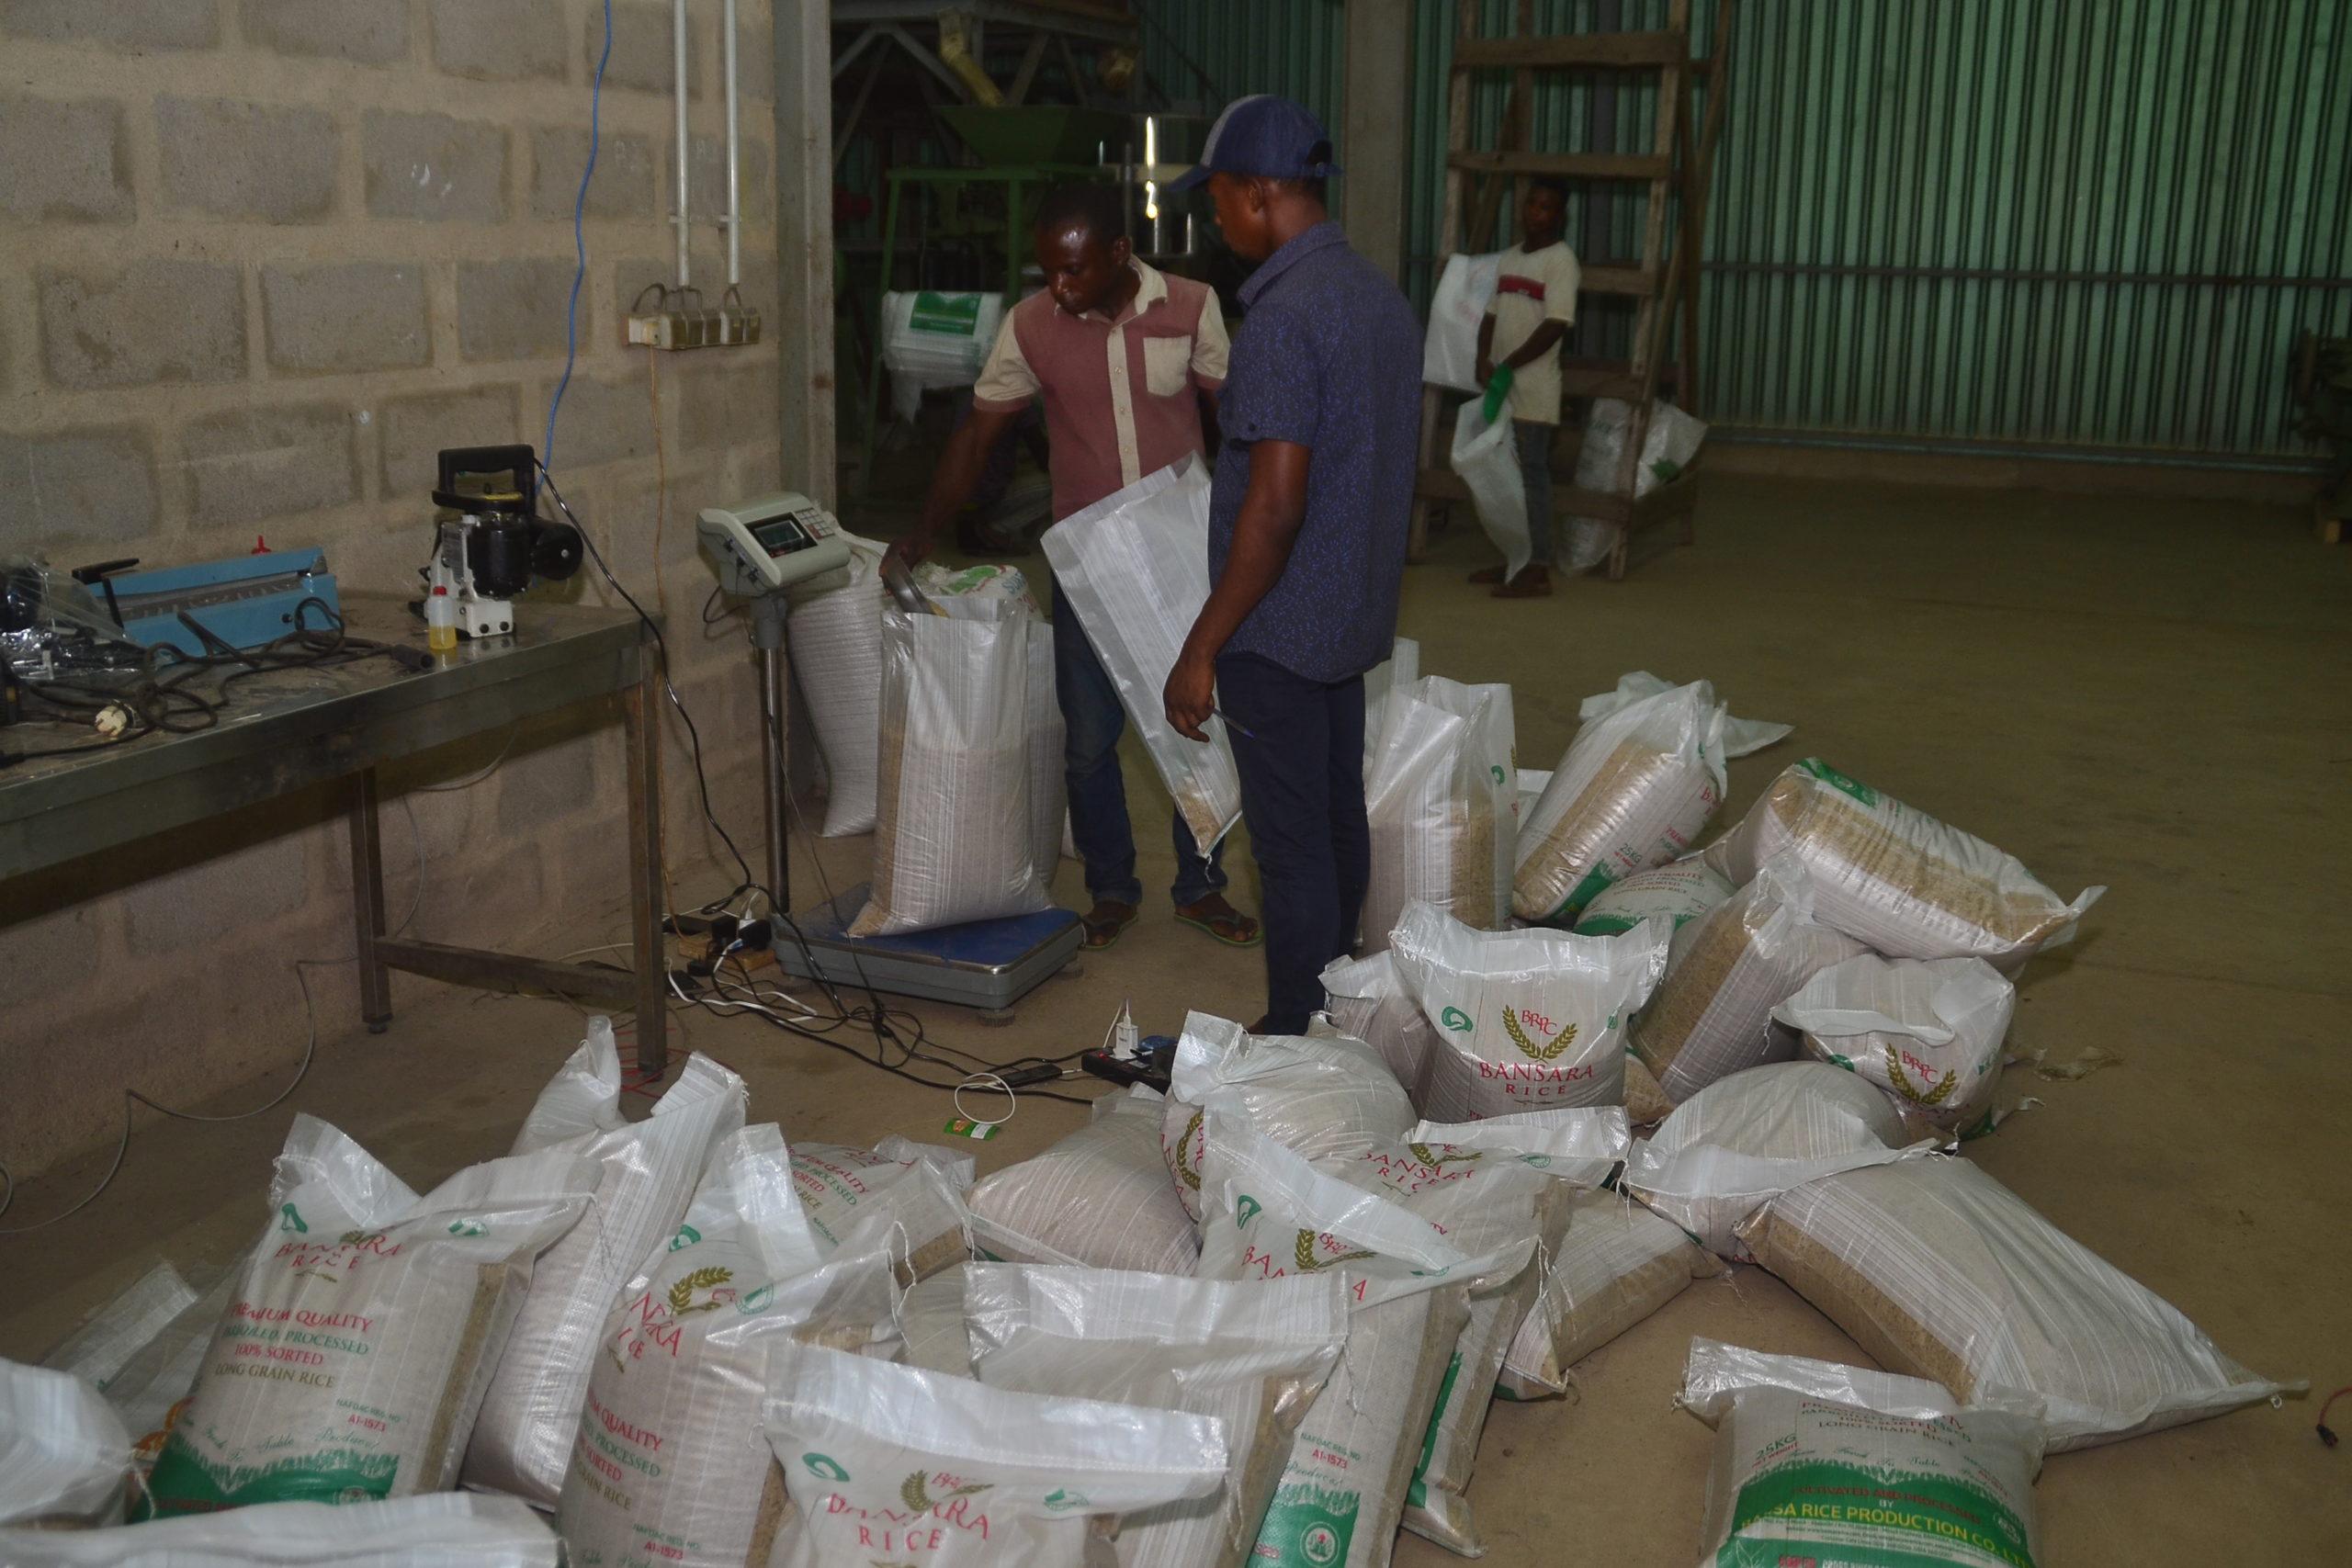 Bansara Rice Production Company